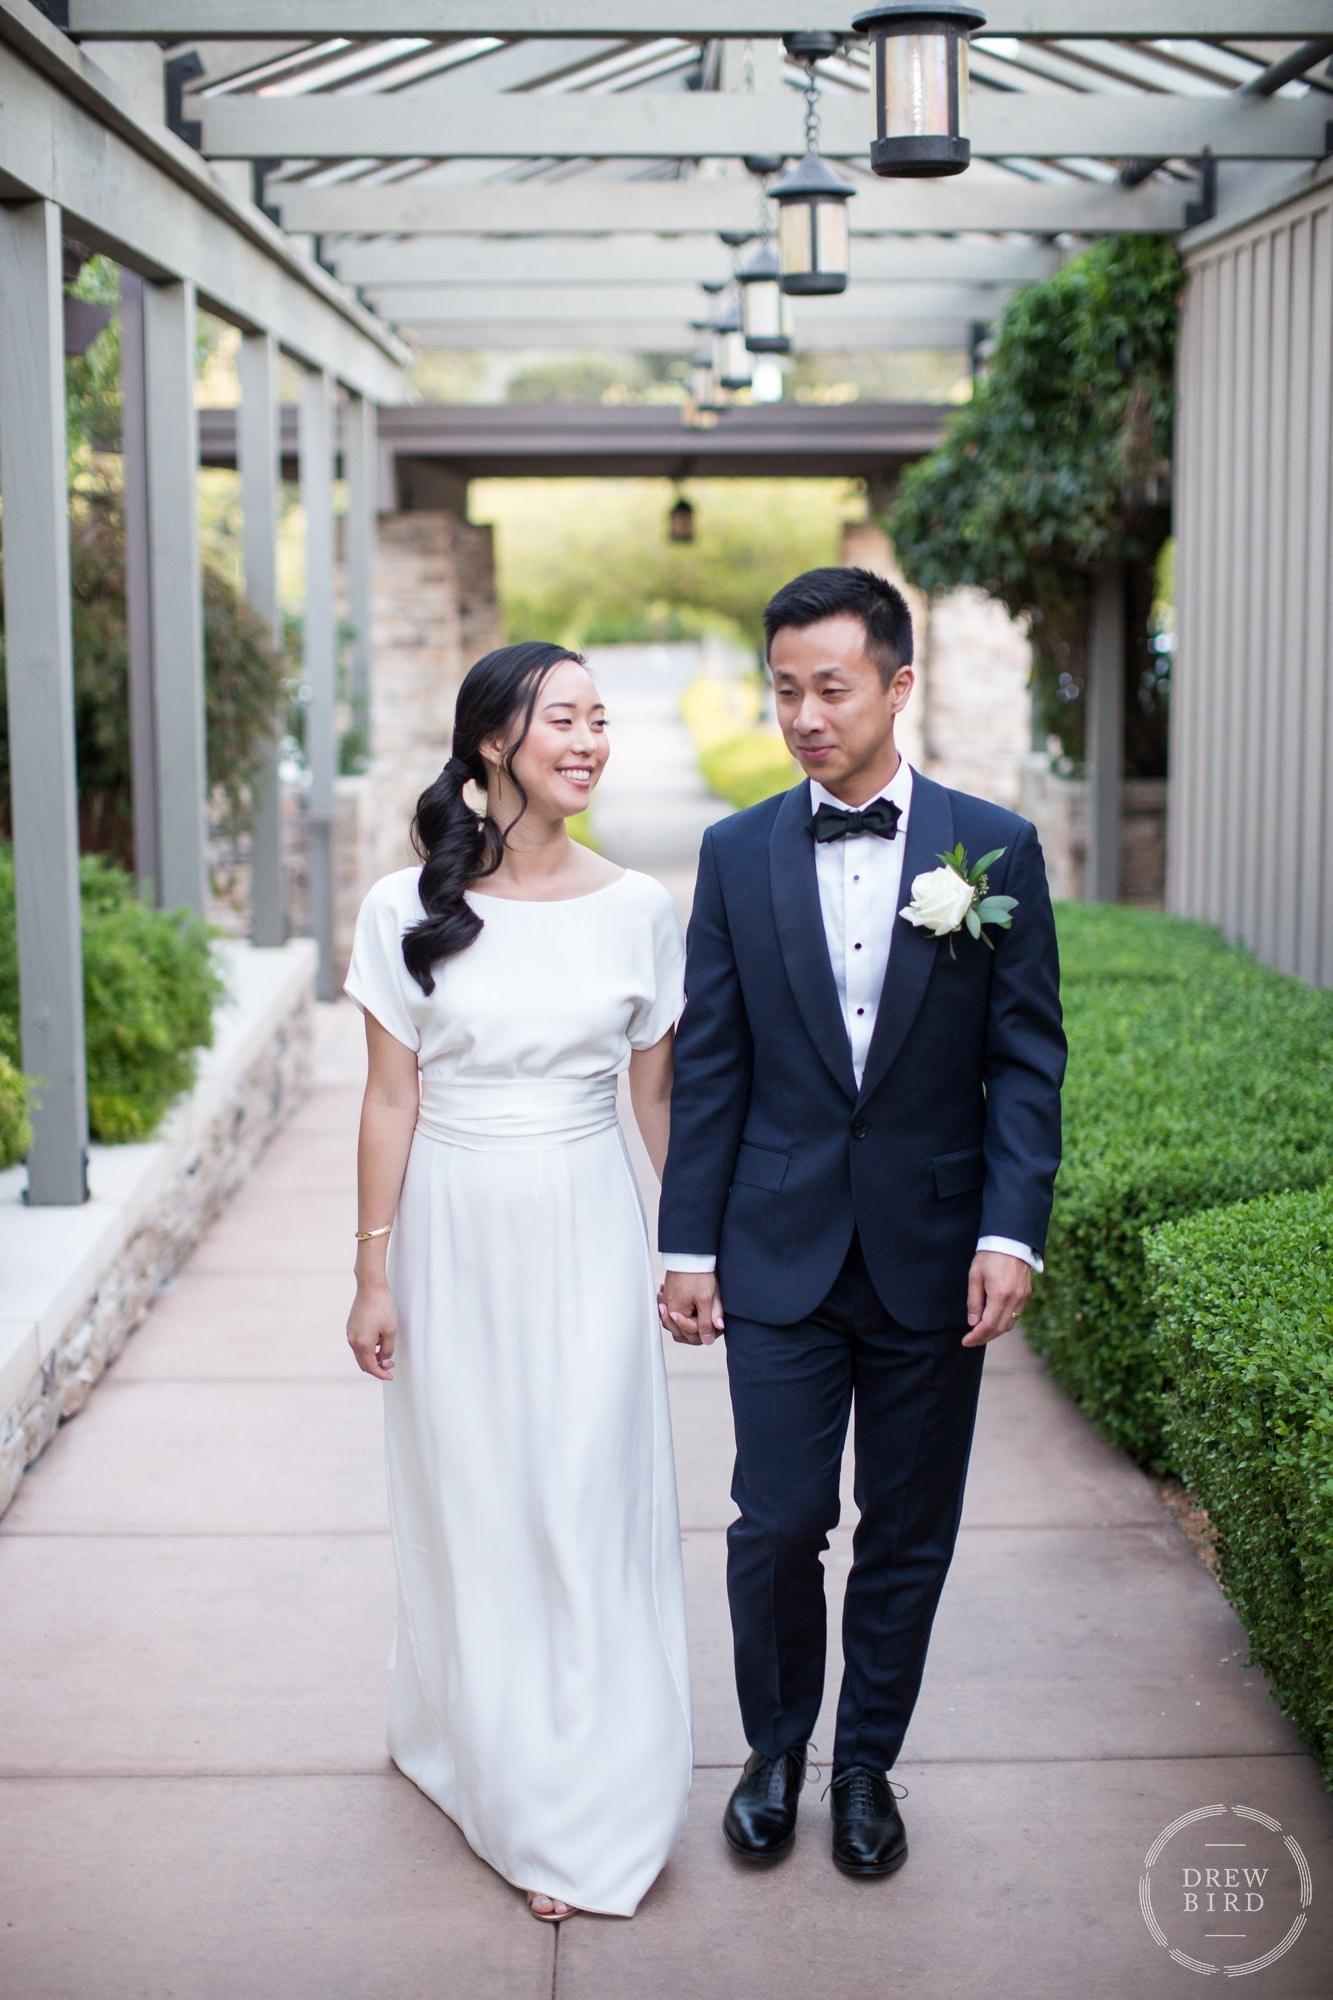 Bride and groom walking together. Quail Meadows wedding. Quail Lodge and Golf Club wedding. Carmel wedding photographer. Monterrey wedding photographer Drew Bird.